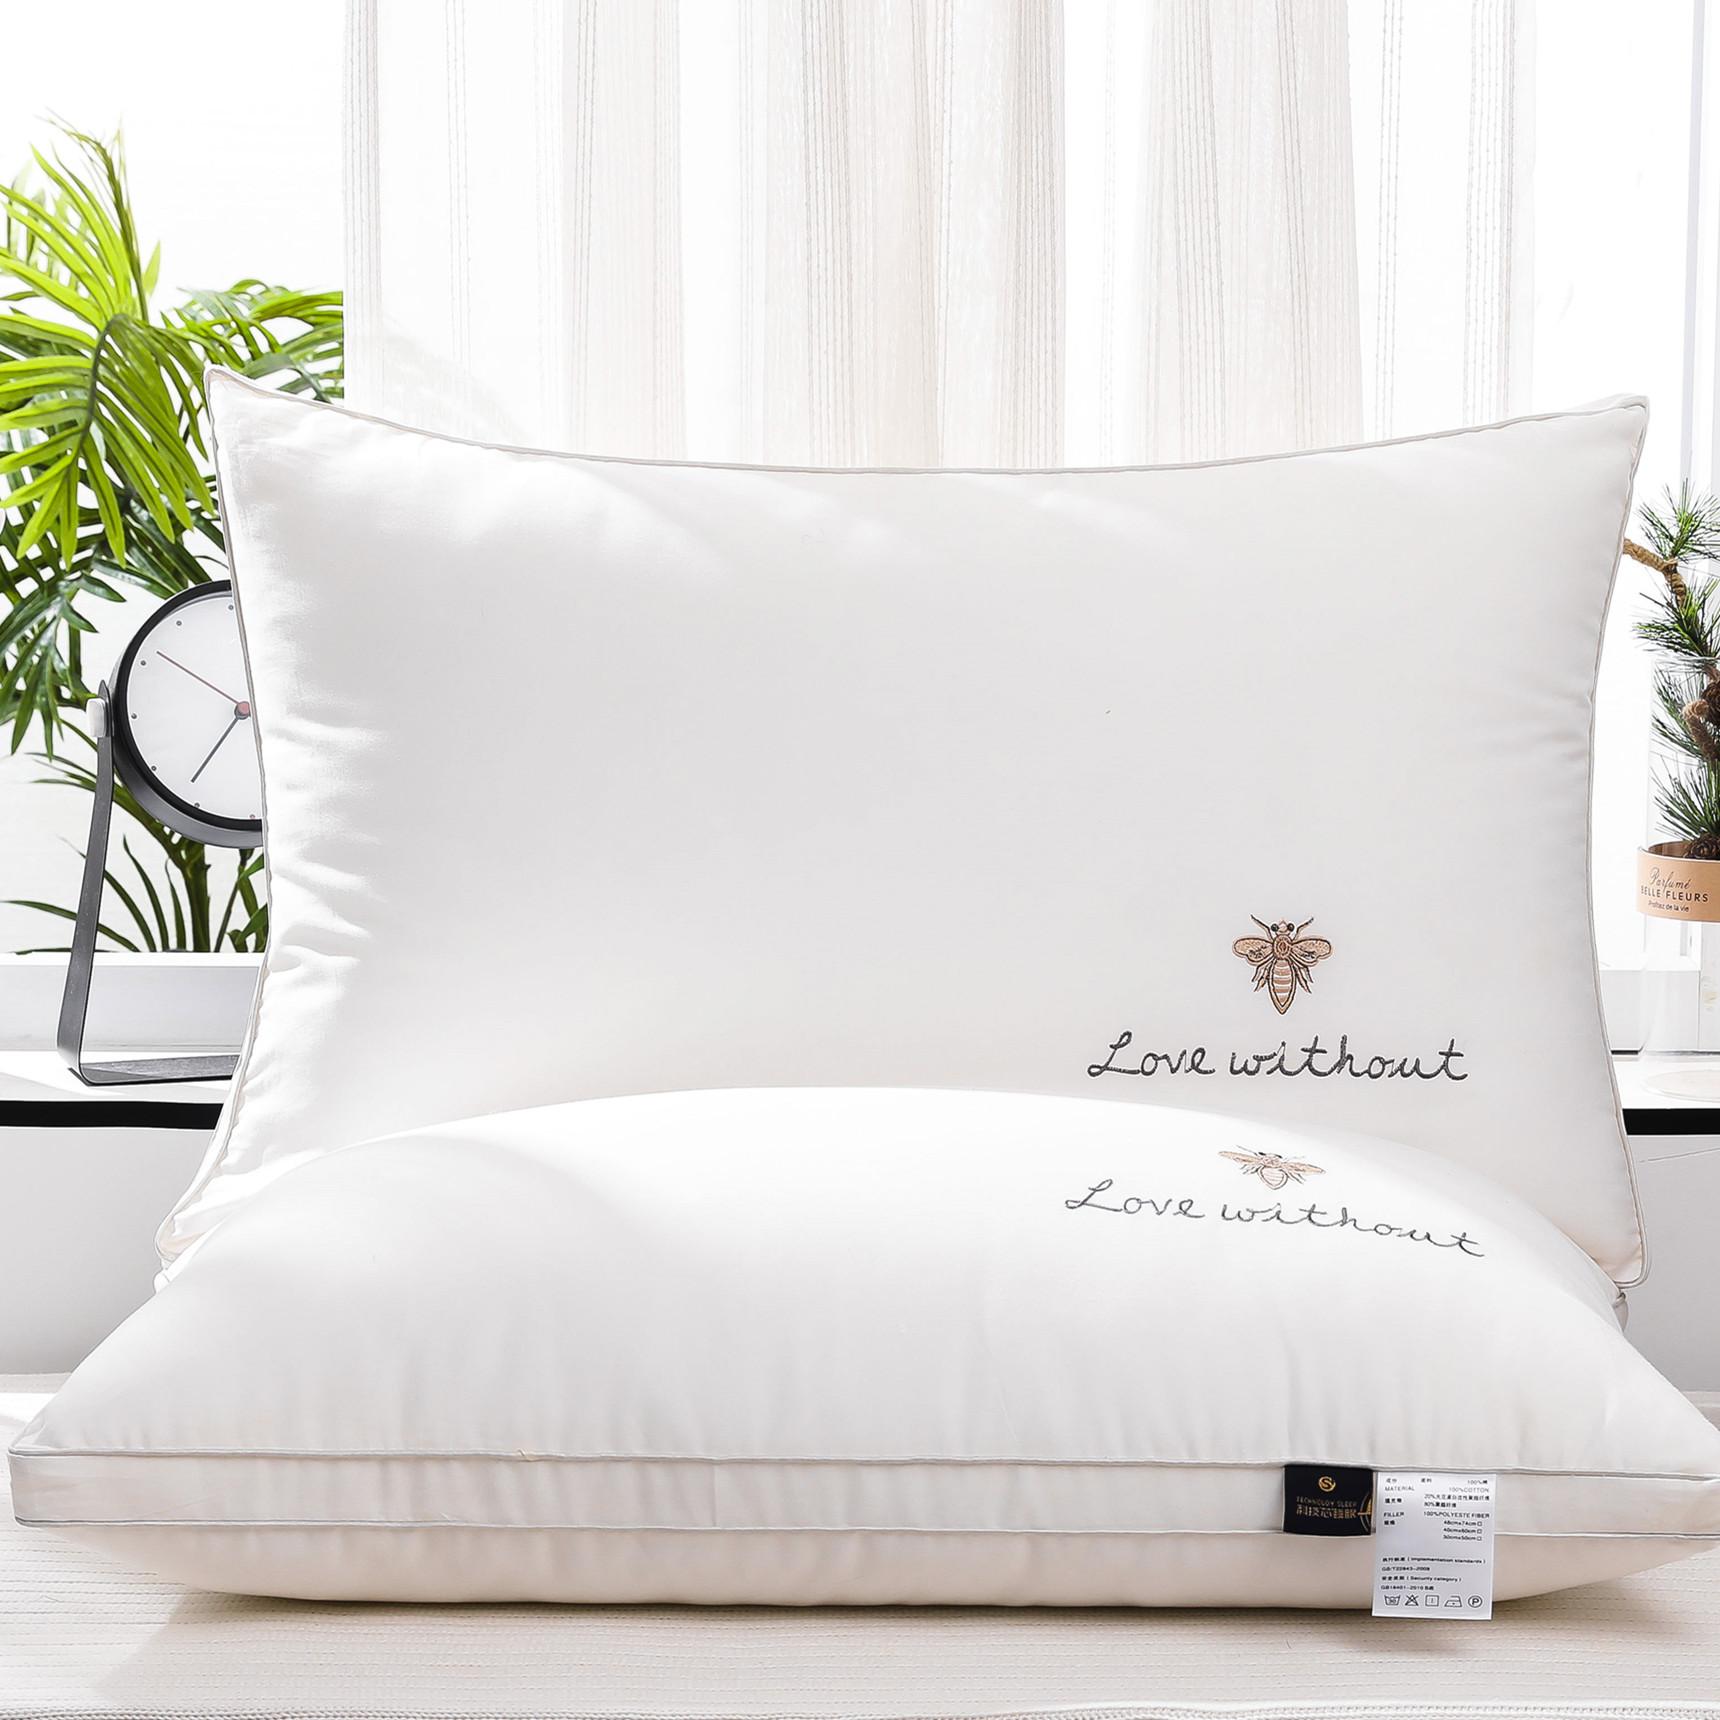 【一只装】酒店全棉枕头枕芯家用护颈椎枕双人单人枕头芯一对装